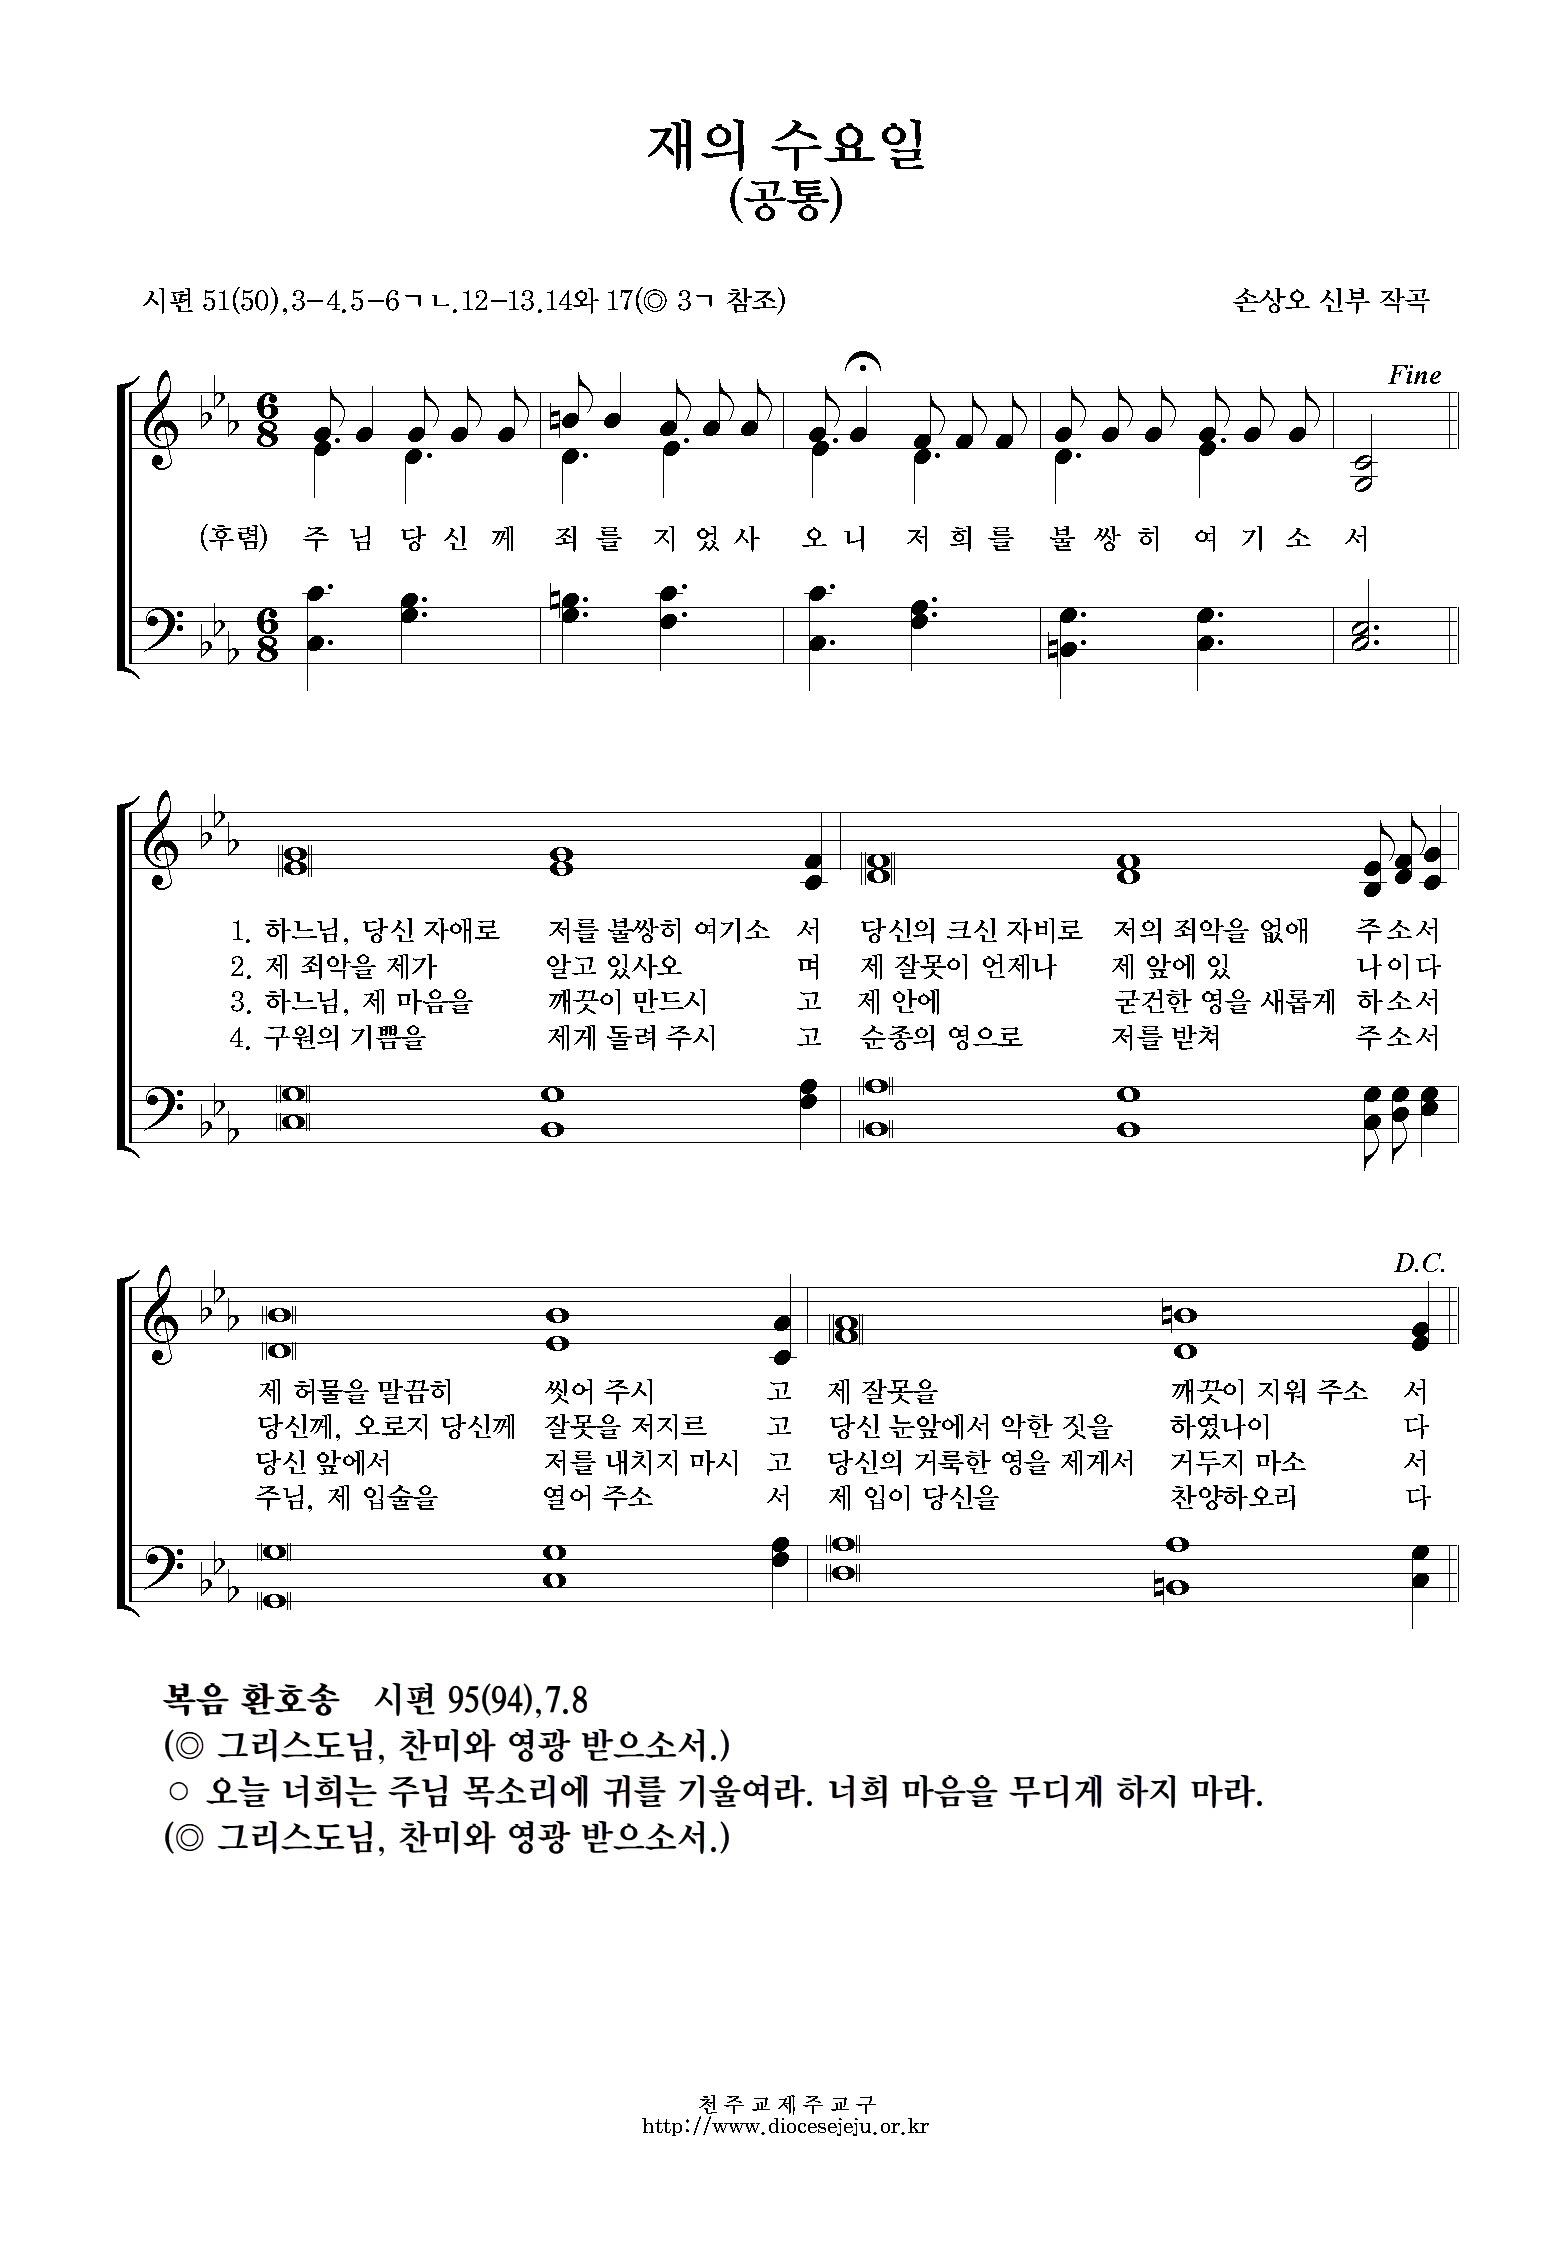 20190306-재의수요일(공통).jpg